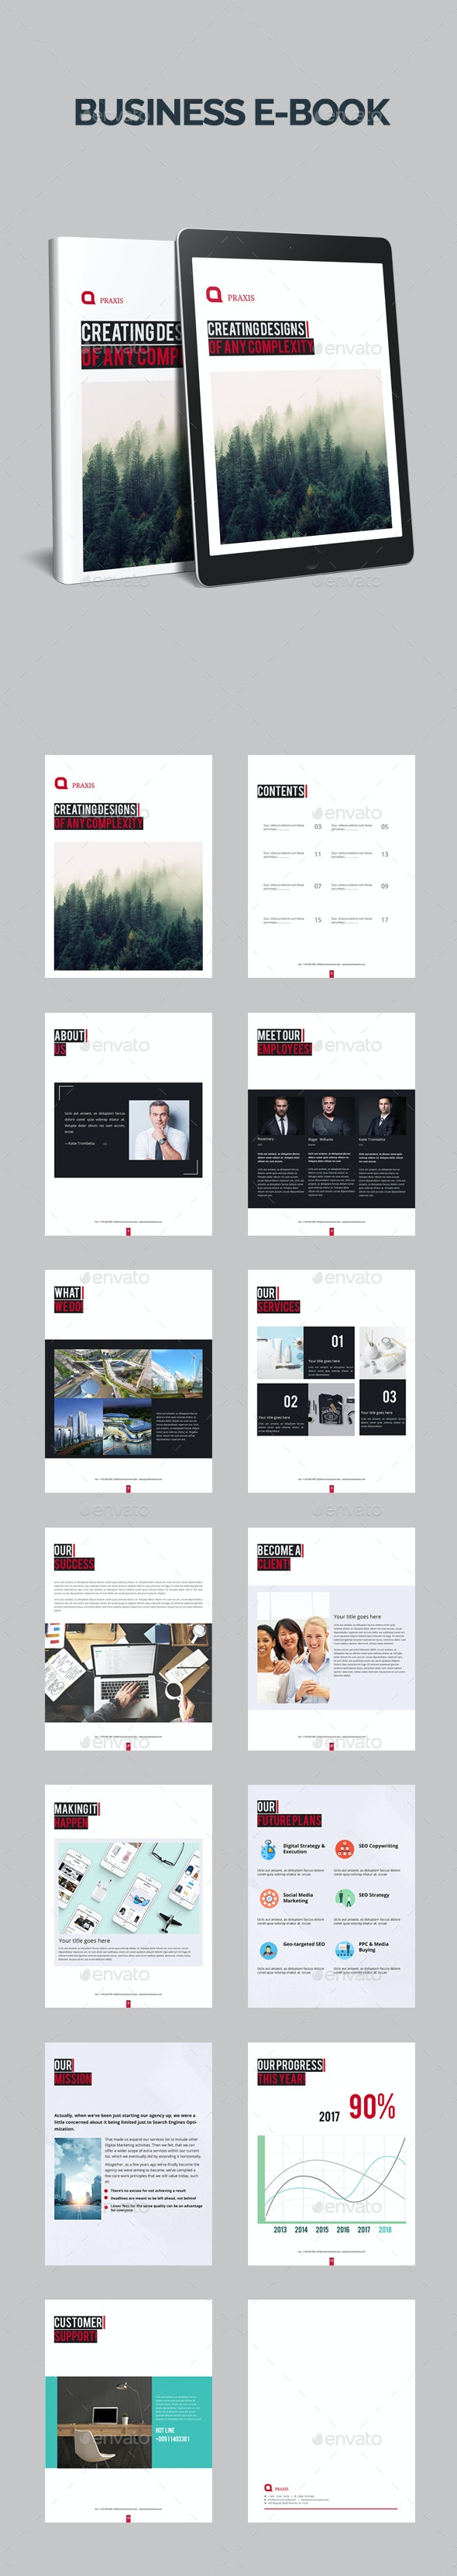 Business Ebook - ePublishing